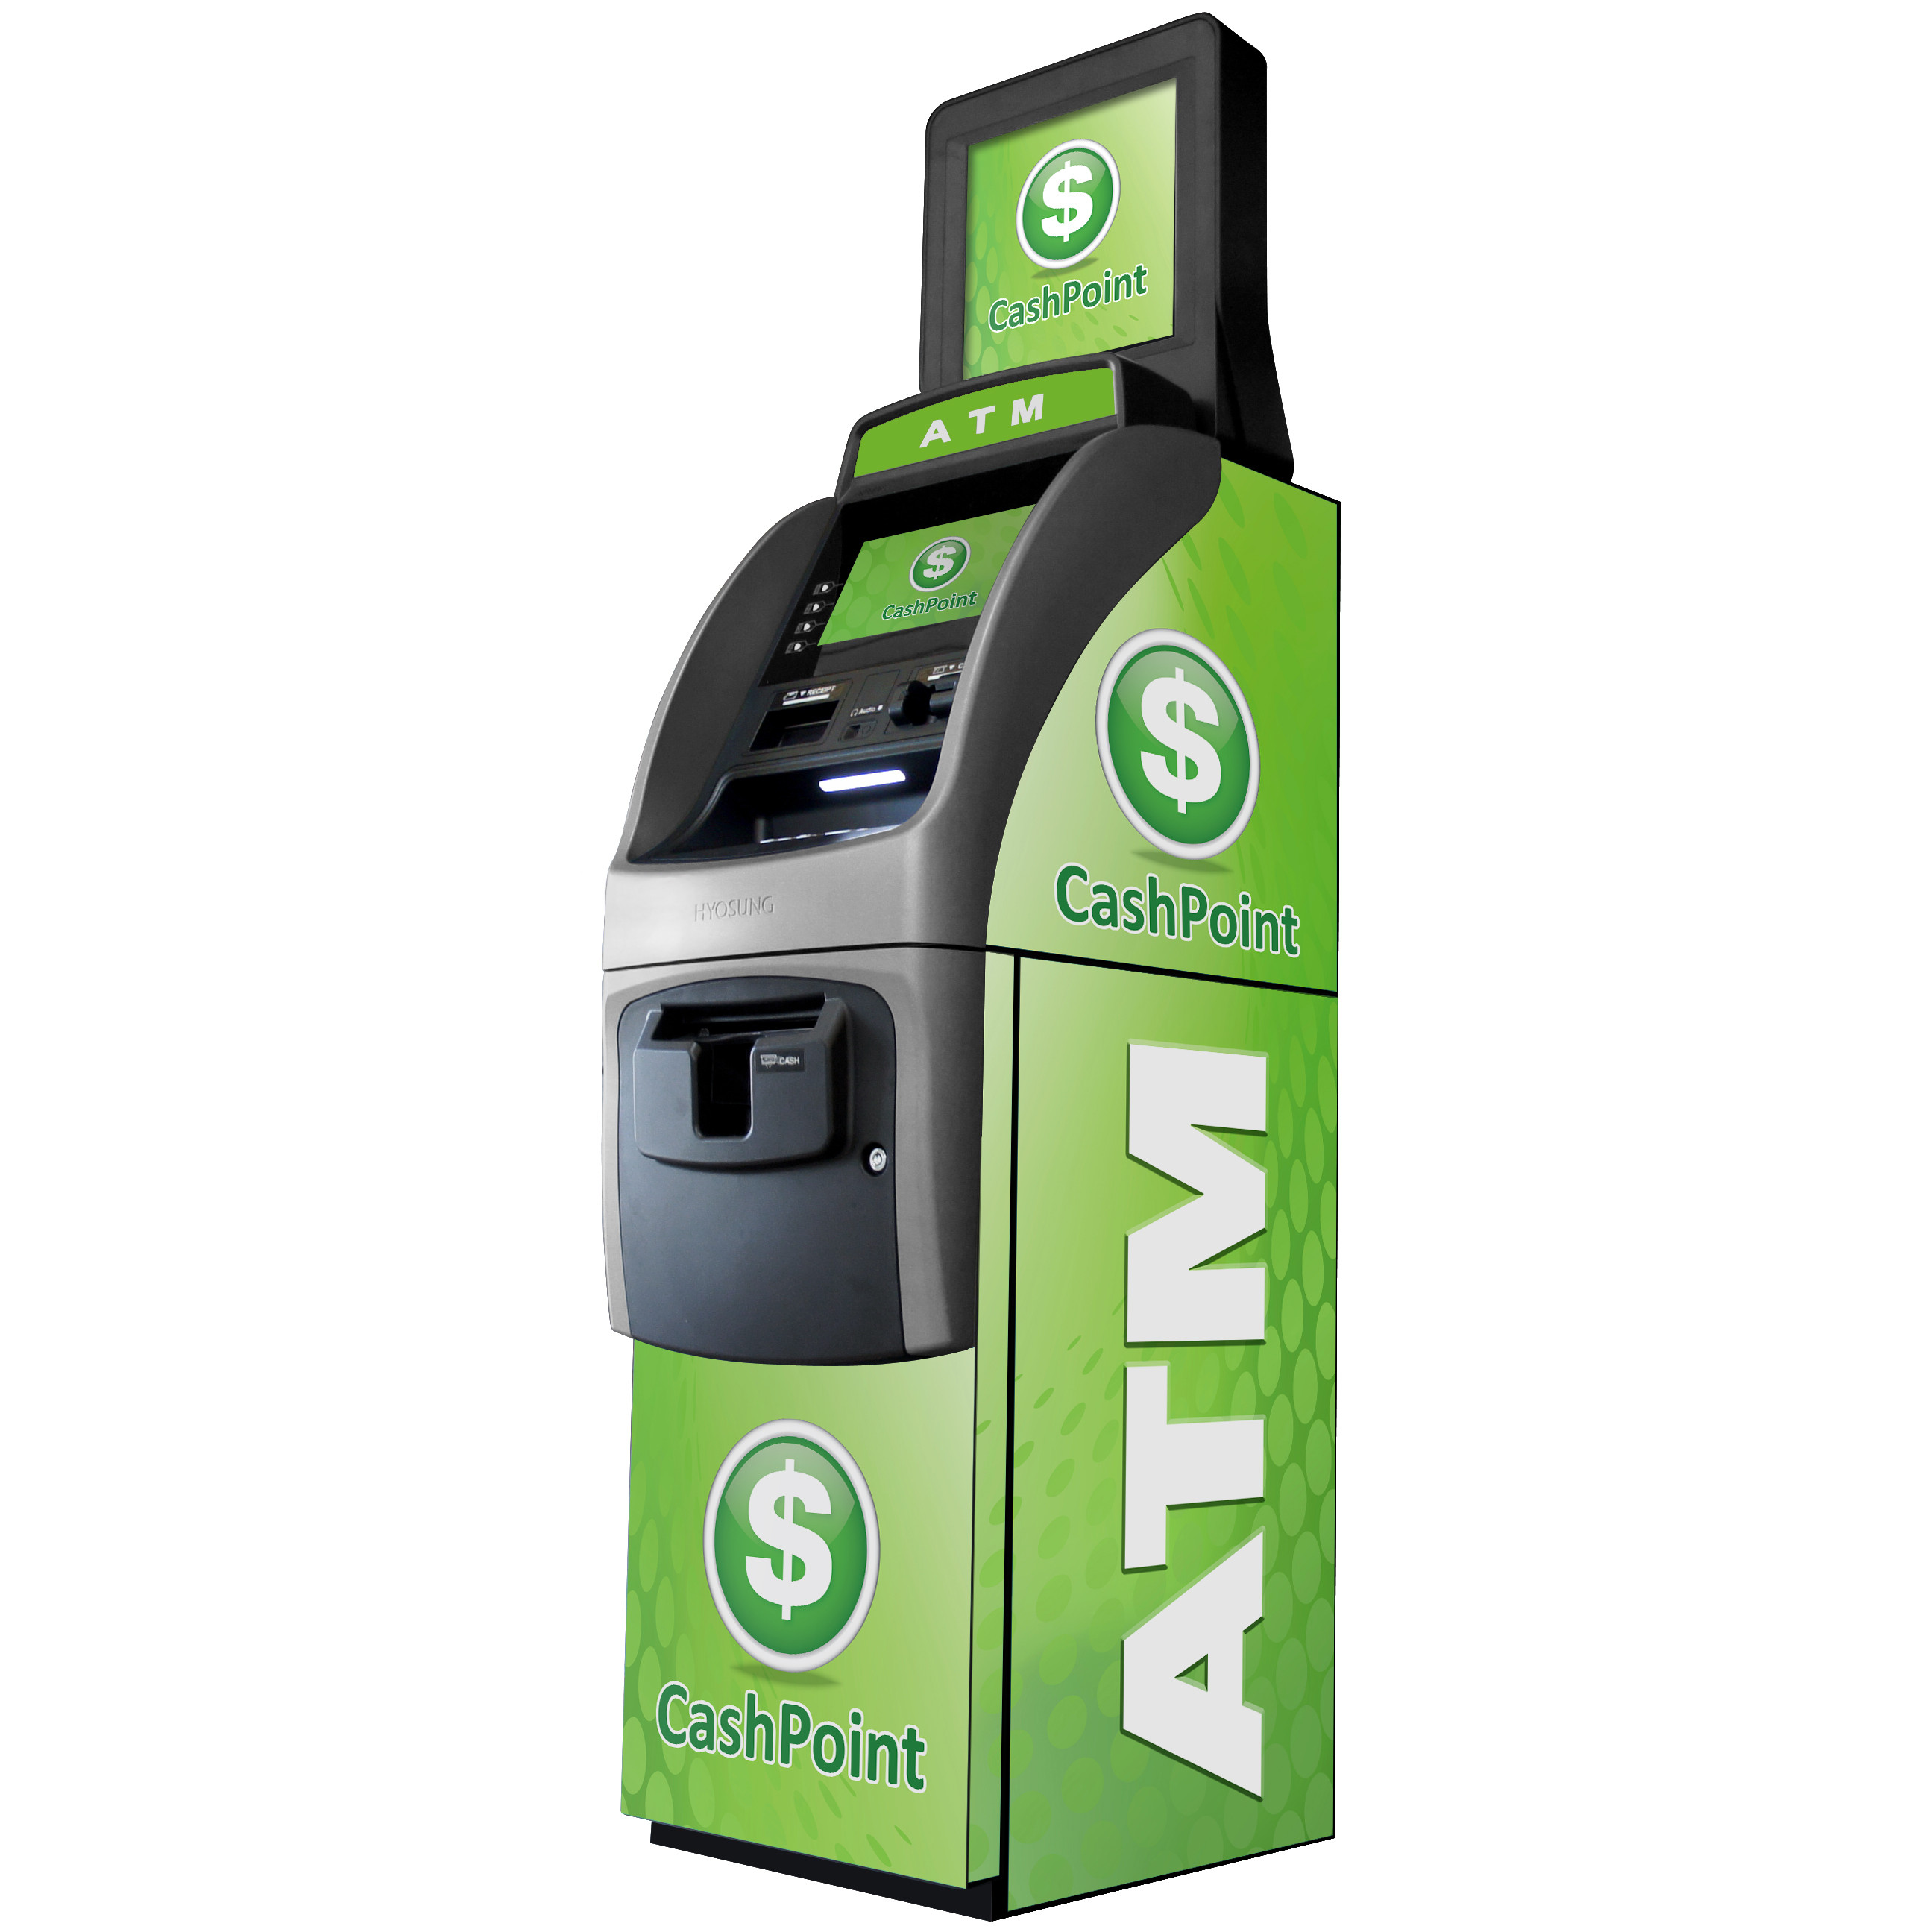 CashPoint ATM Consultation